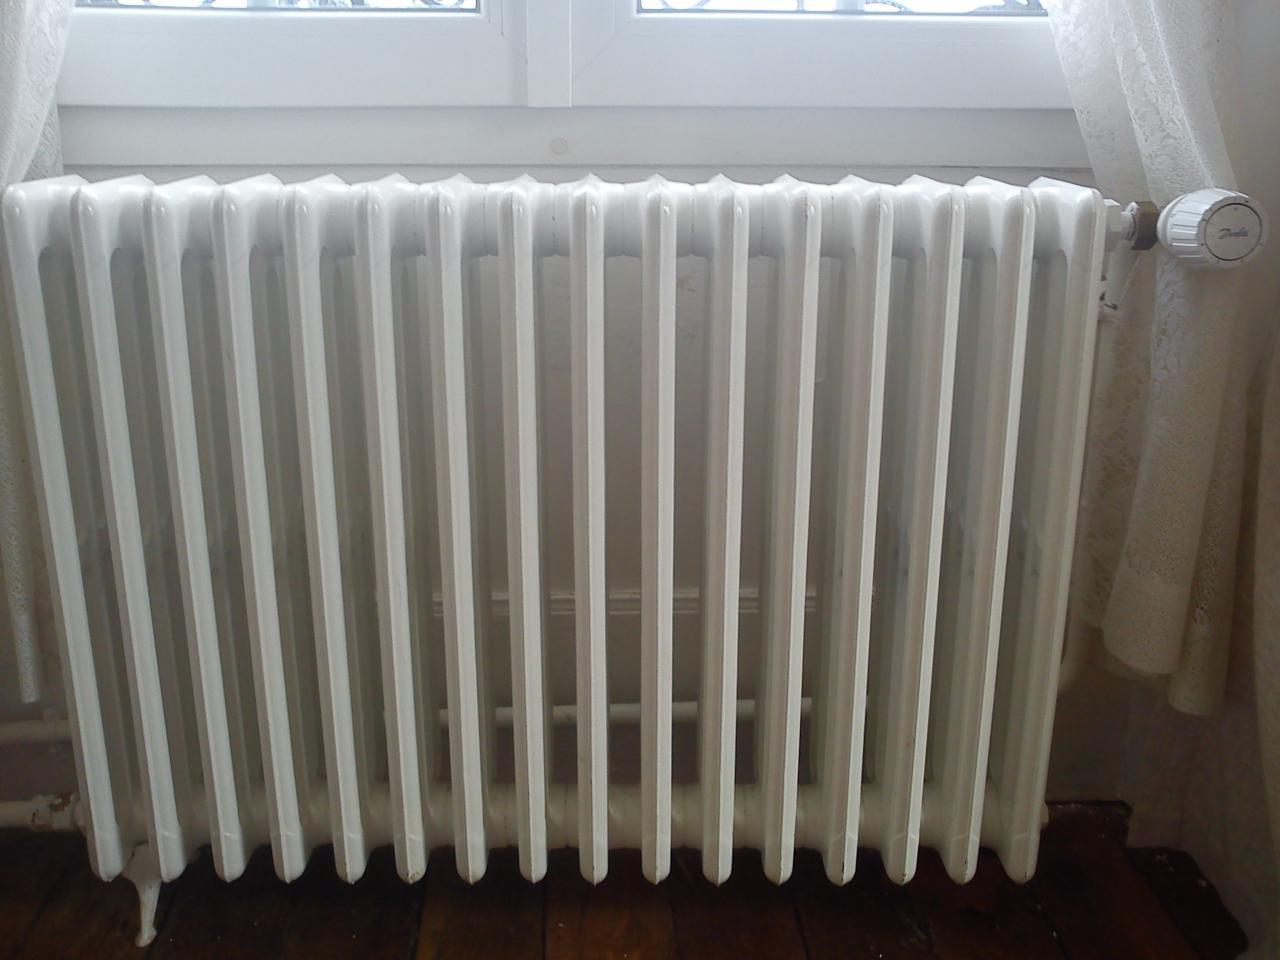 Bruit de chauffage radiateurs for Tablette au dessus d un radiateur